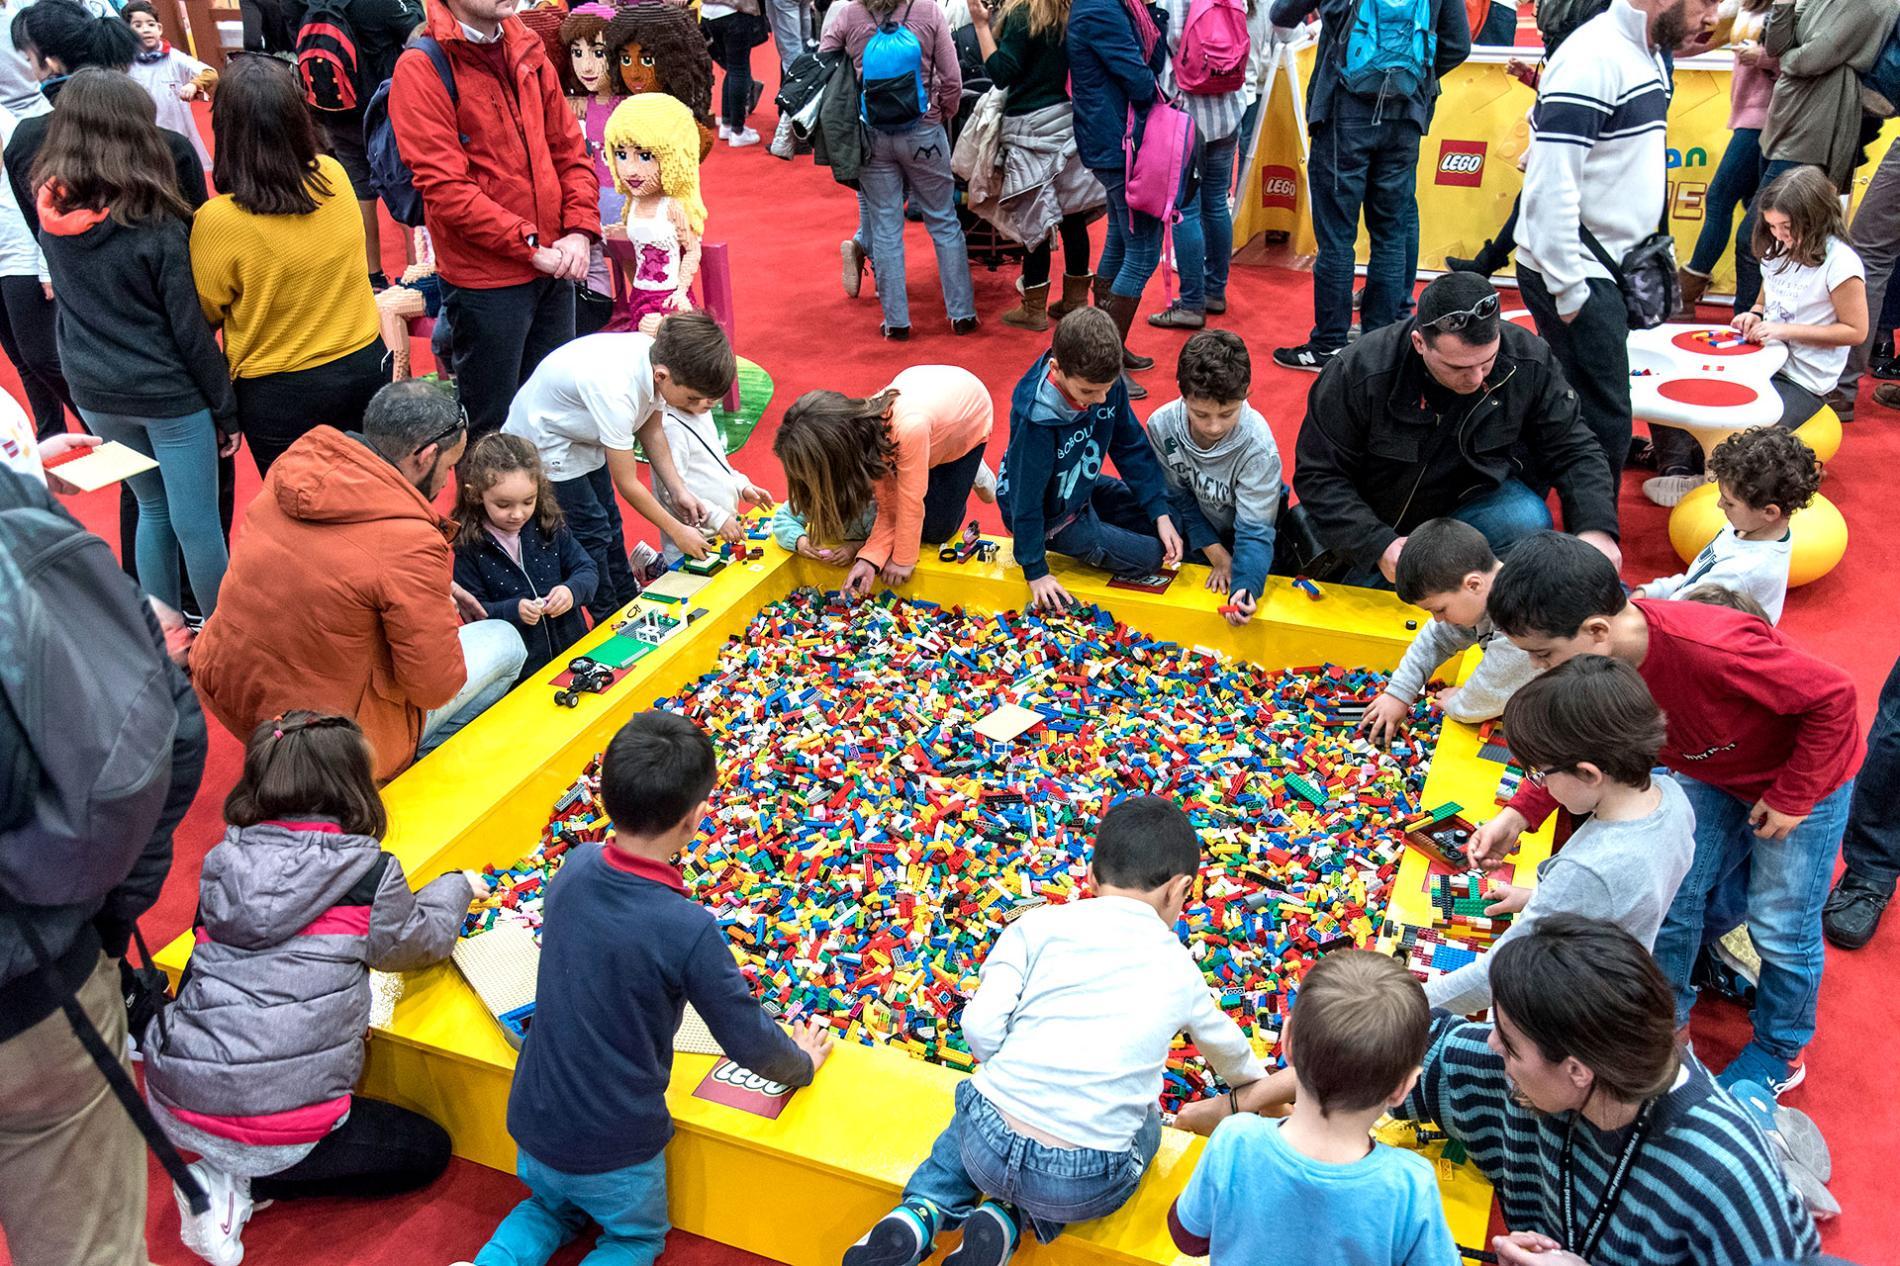 Padres y madres junto con sus hijos en un parque de figuras Lego